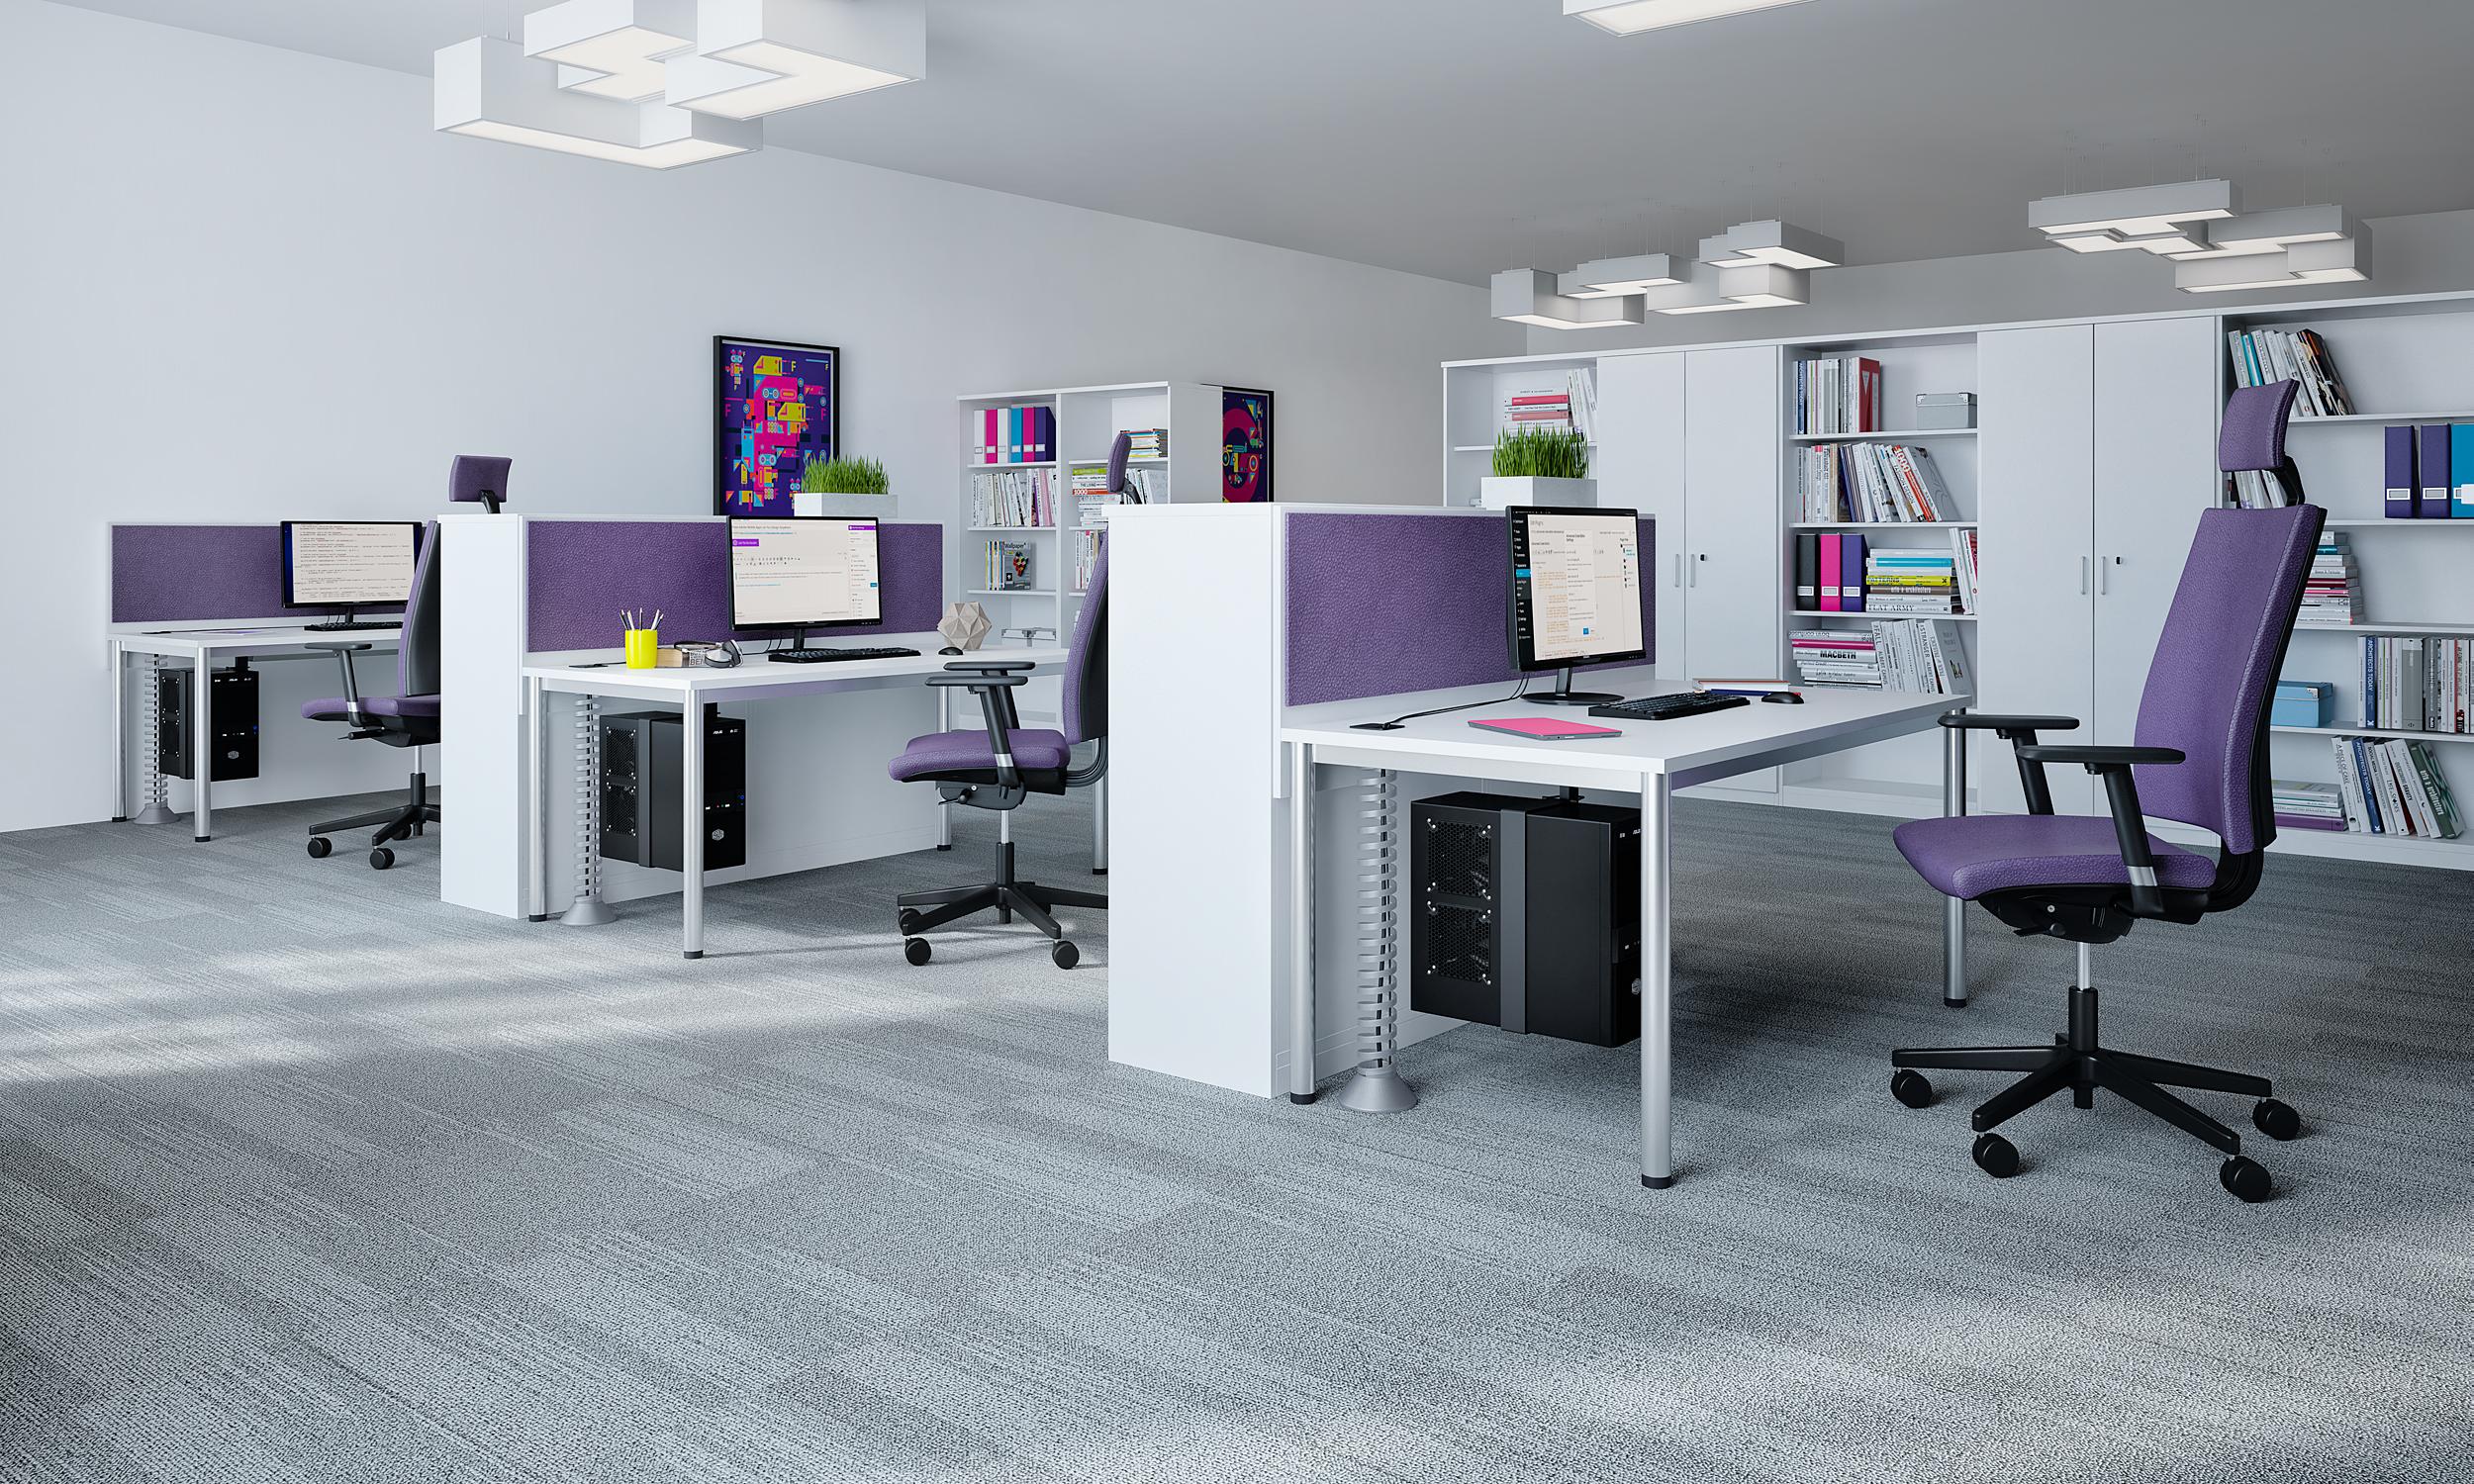 office-furniture_10-6_EasySpace-13.jpg